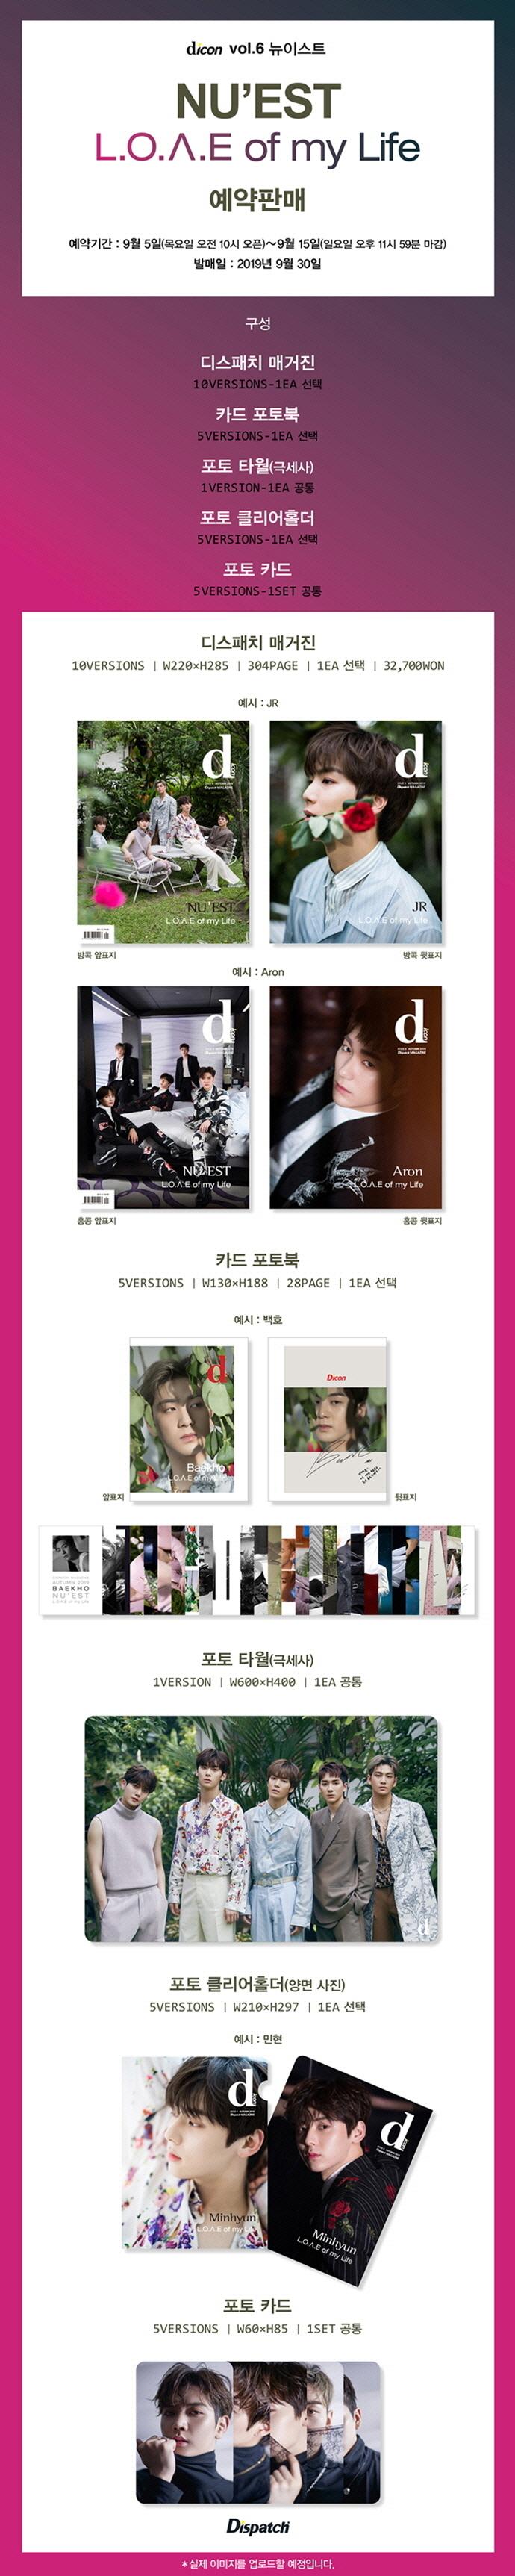 D-icon vol.6 뉴이스트 NU'EST L.O.ㅅ.E of my Life - JR [홍콩] 도서 상세이미지